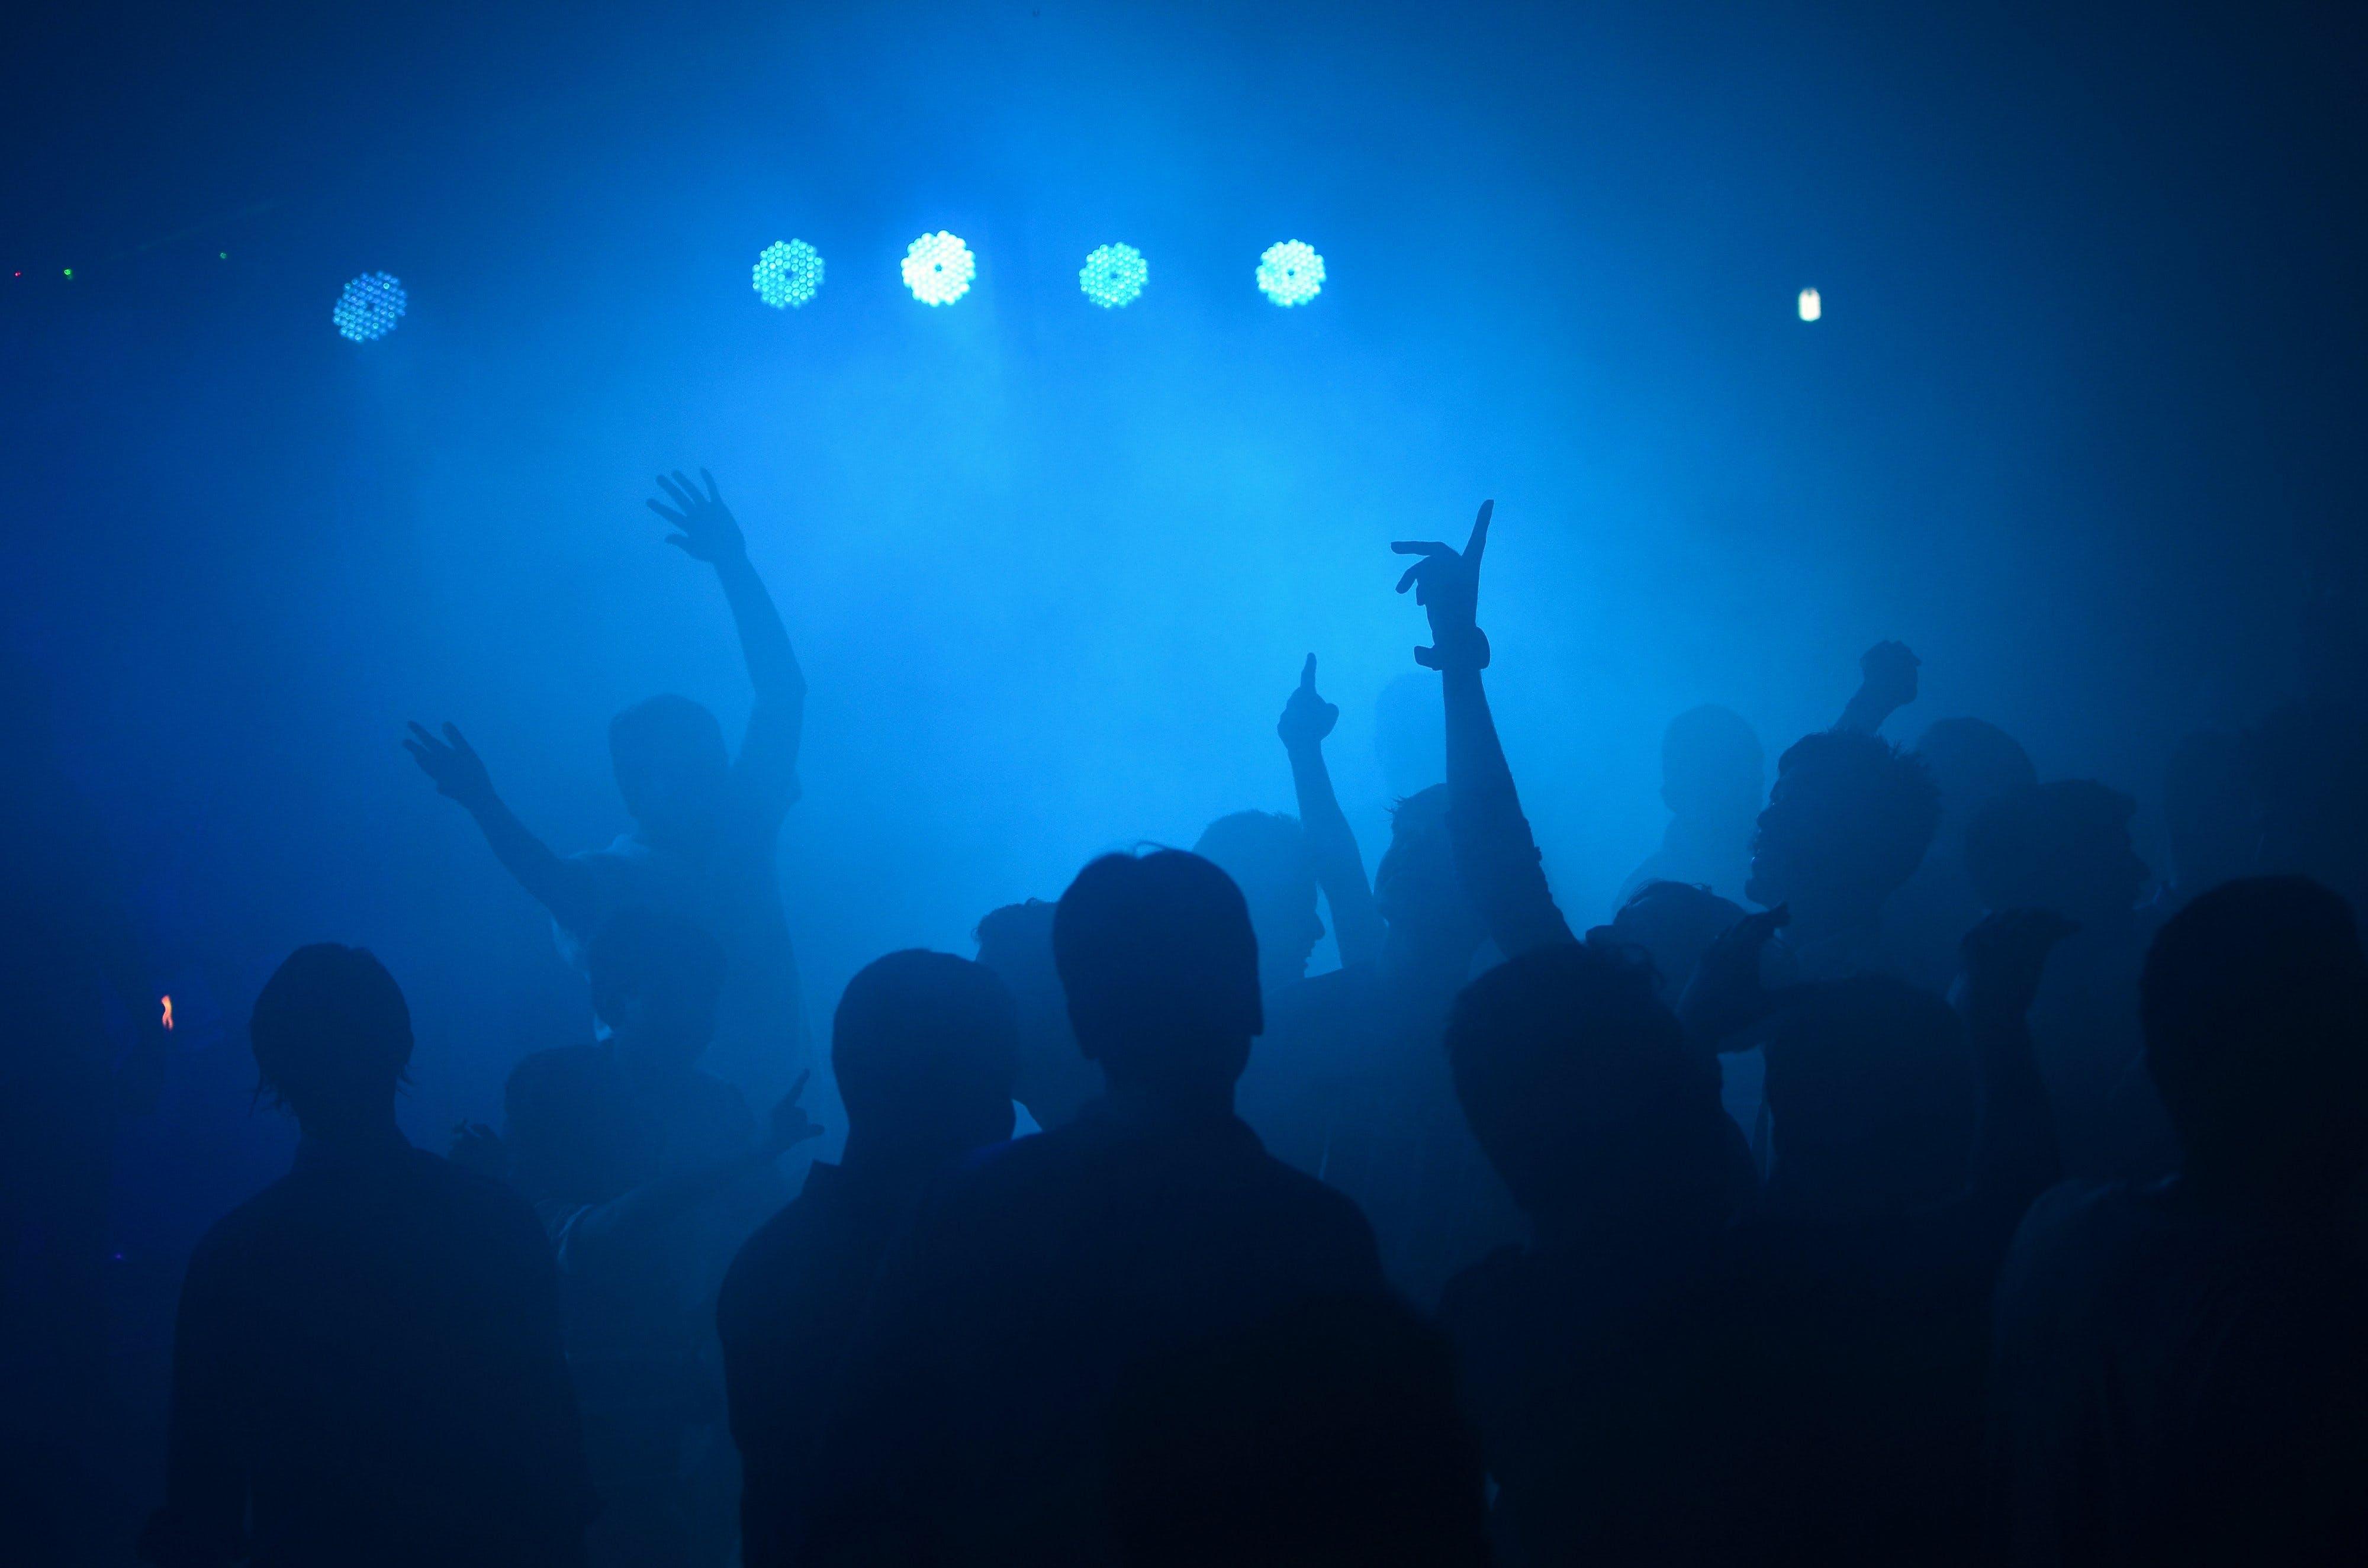 Δωρεάν στοκ φωτογραφιών με ιερό φεστιβάλ, Φεστιβάλ, χορεύω